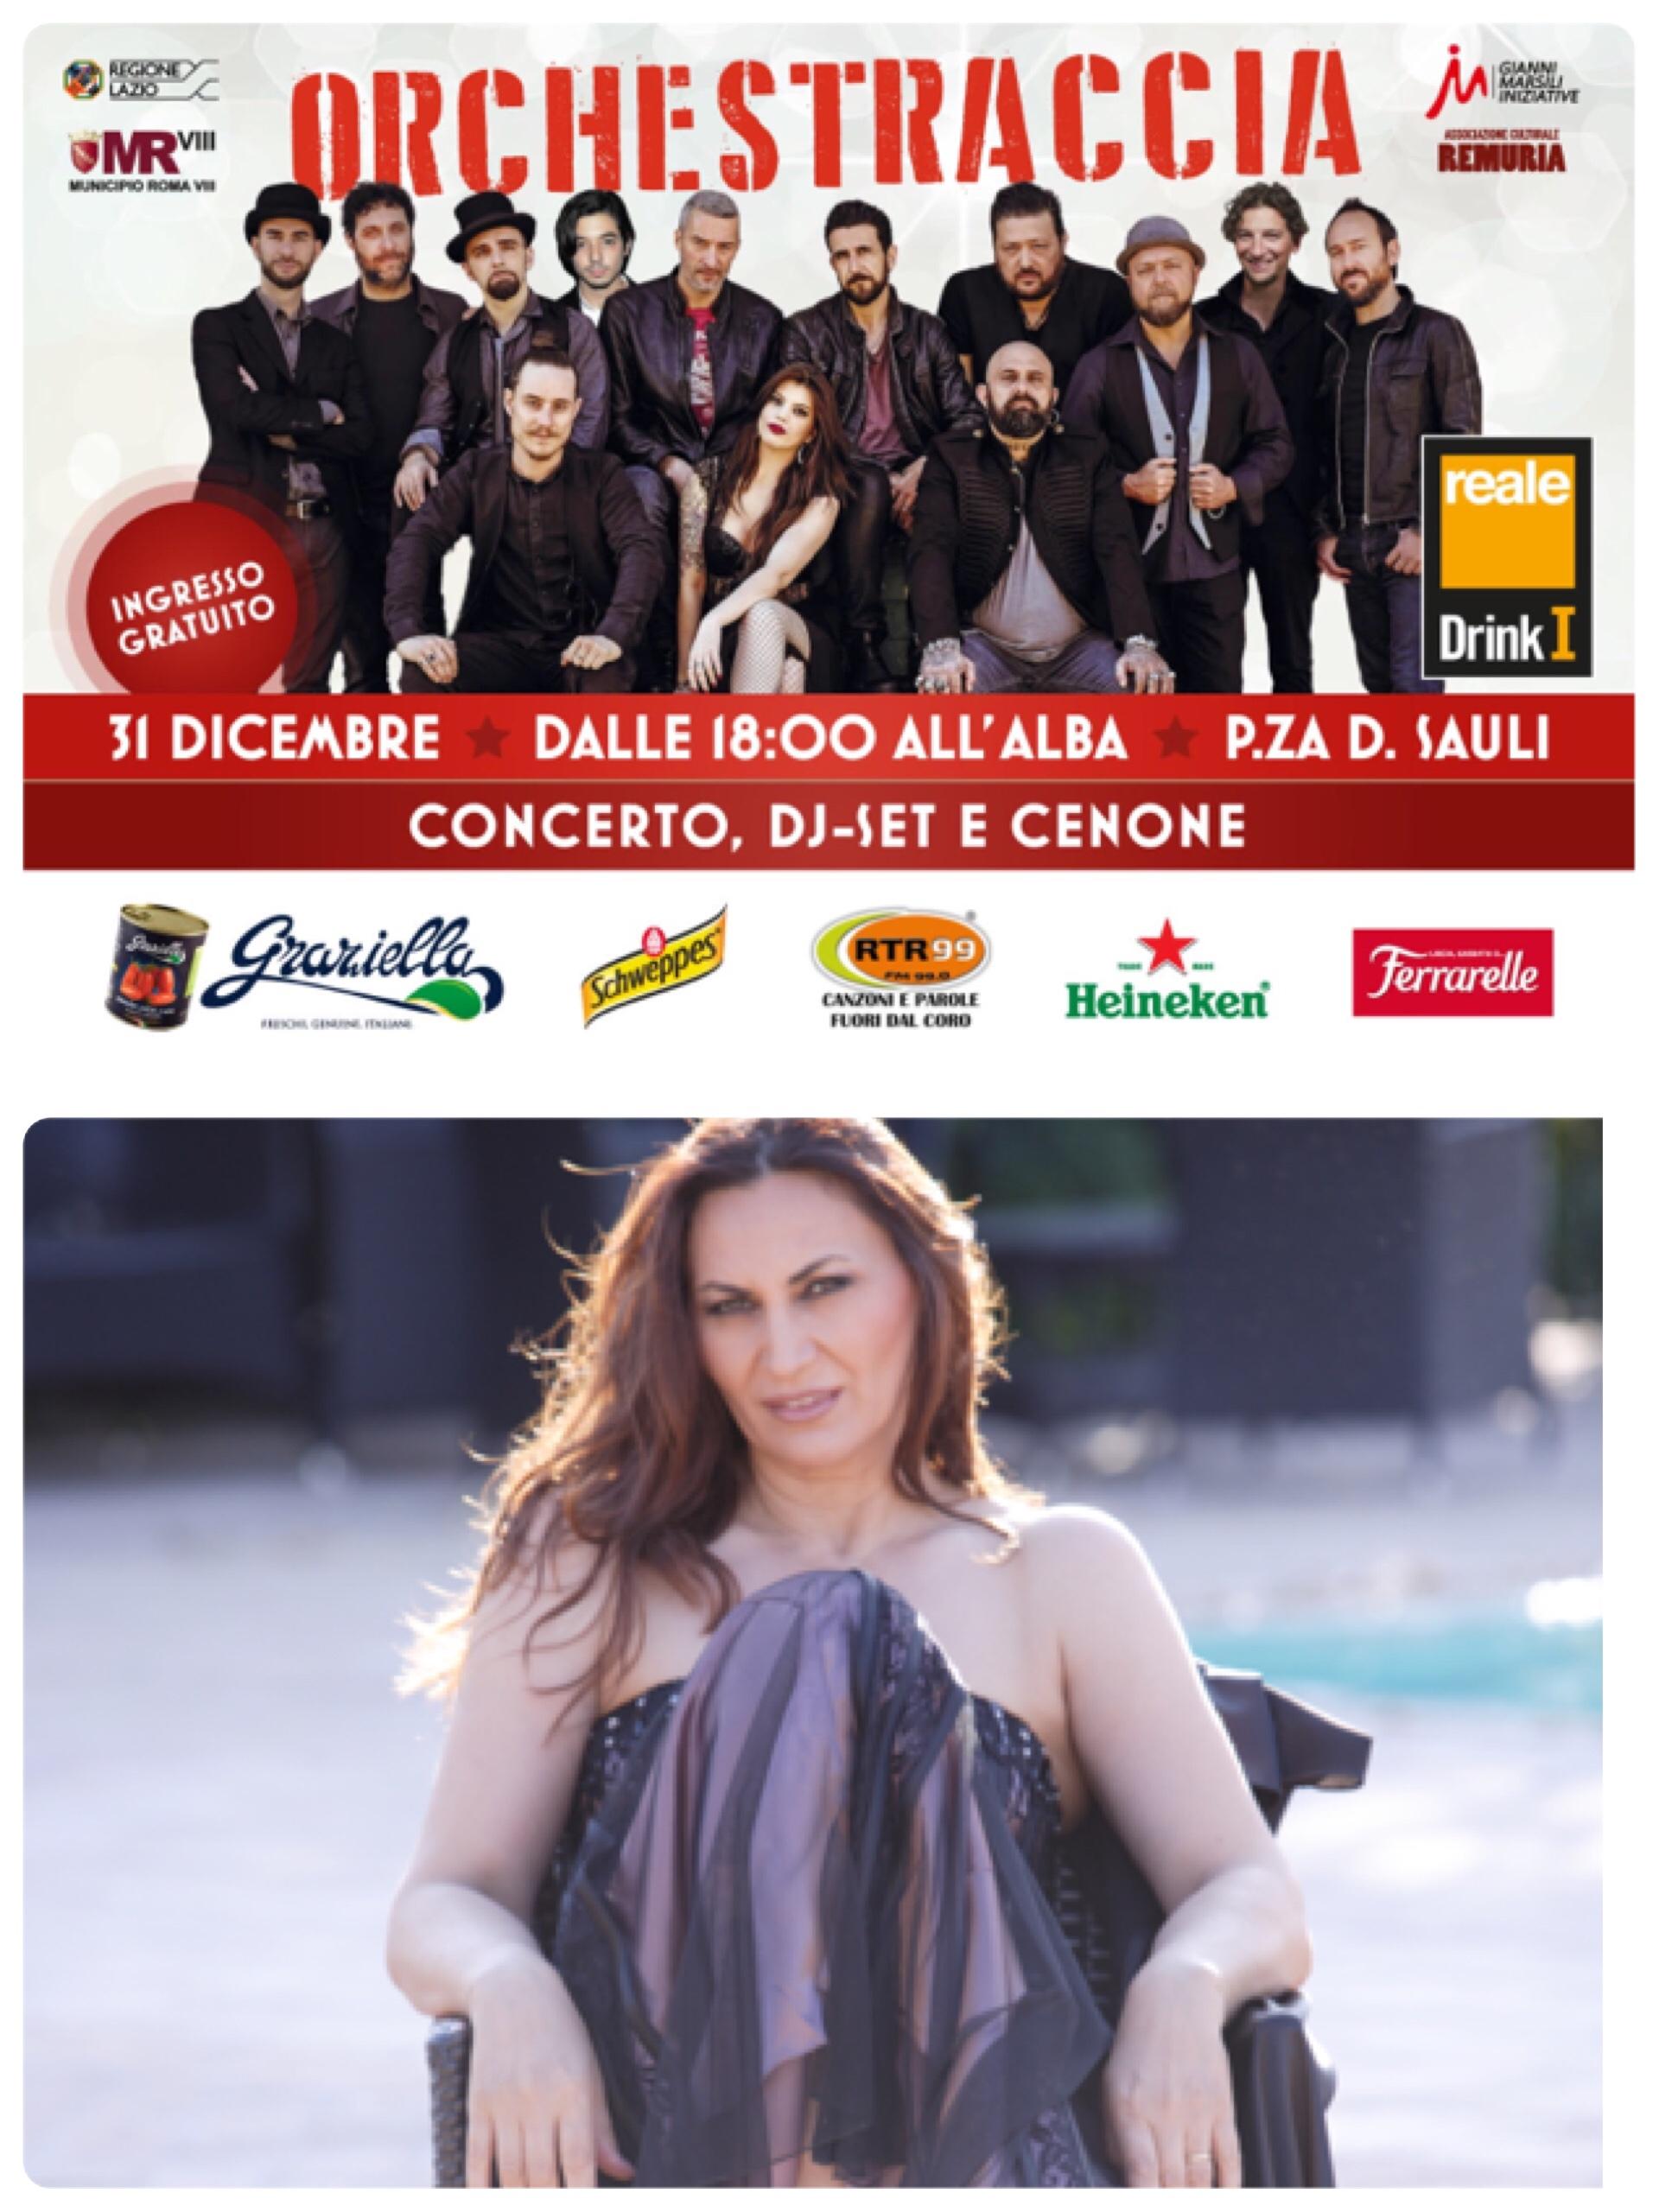 Capodanno a la Garbatella con Gió Di Sarno e L'Orchestraccia